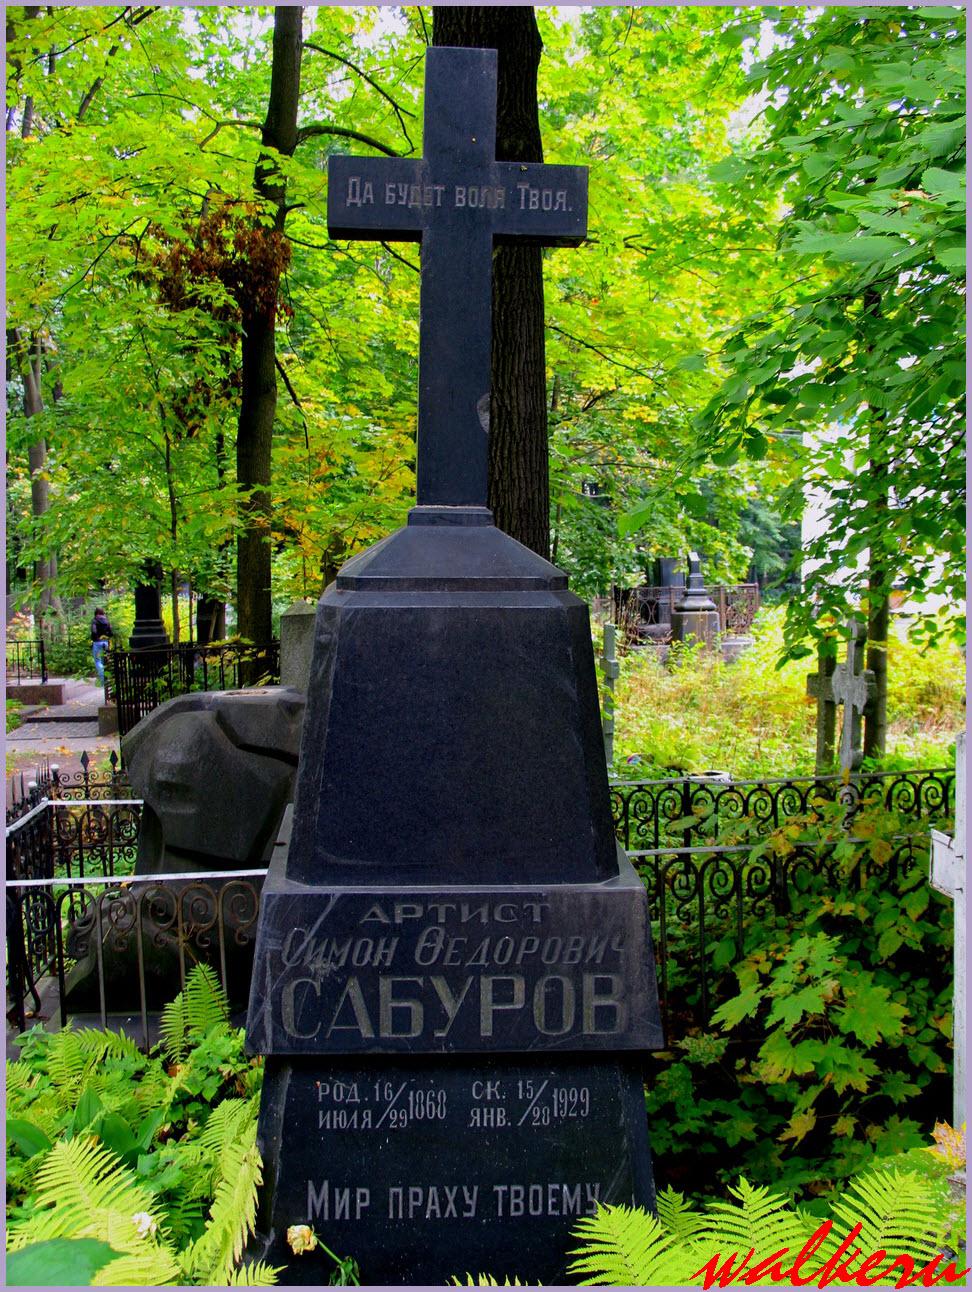 Могила Сабурова С.Ф. на Смоленском кладбище